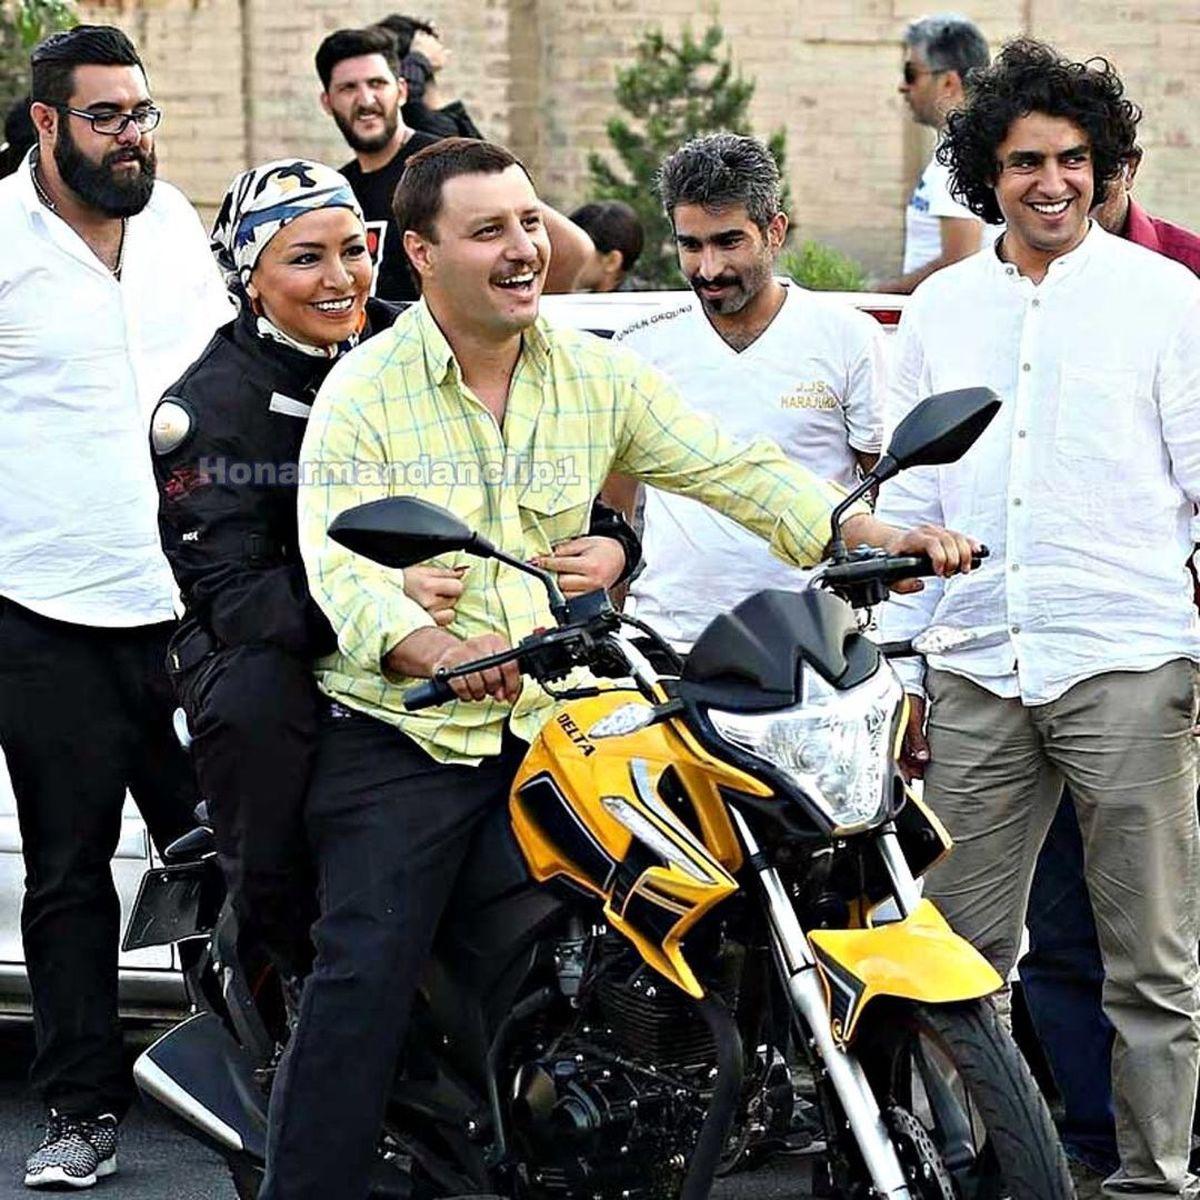 موتورسواری جواد عزتی با خانم بازیگر/ عاشقانه های مه لقا باقری و جواد عزتی+عکس